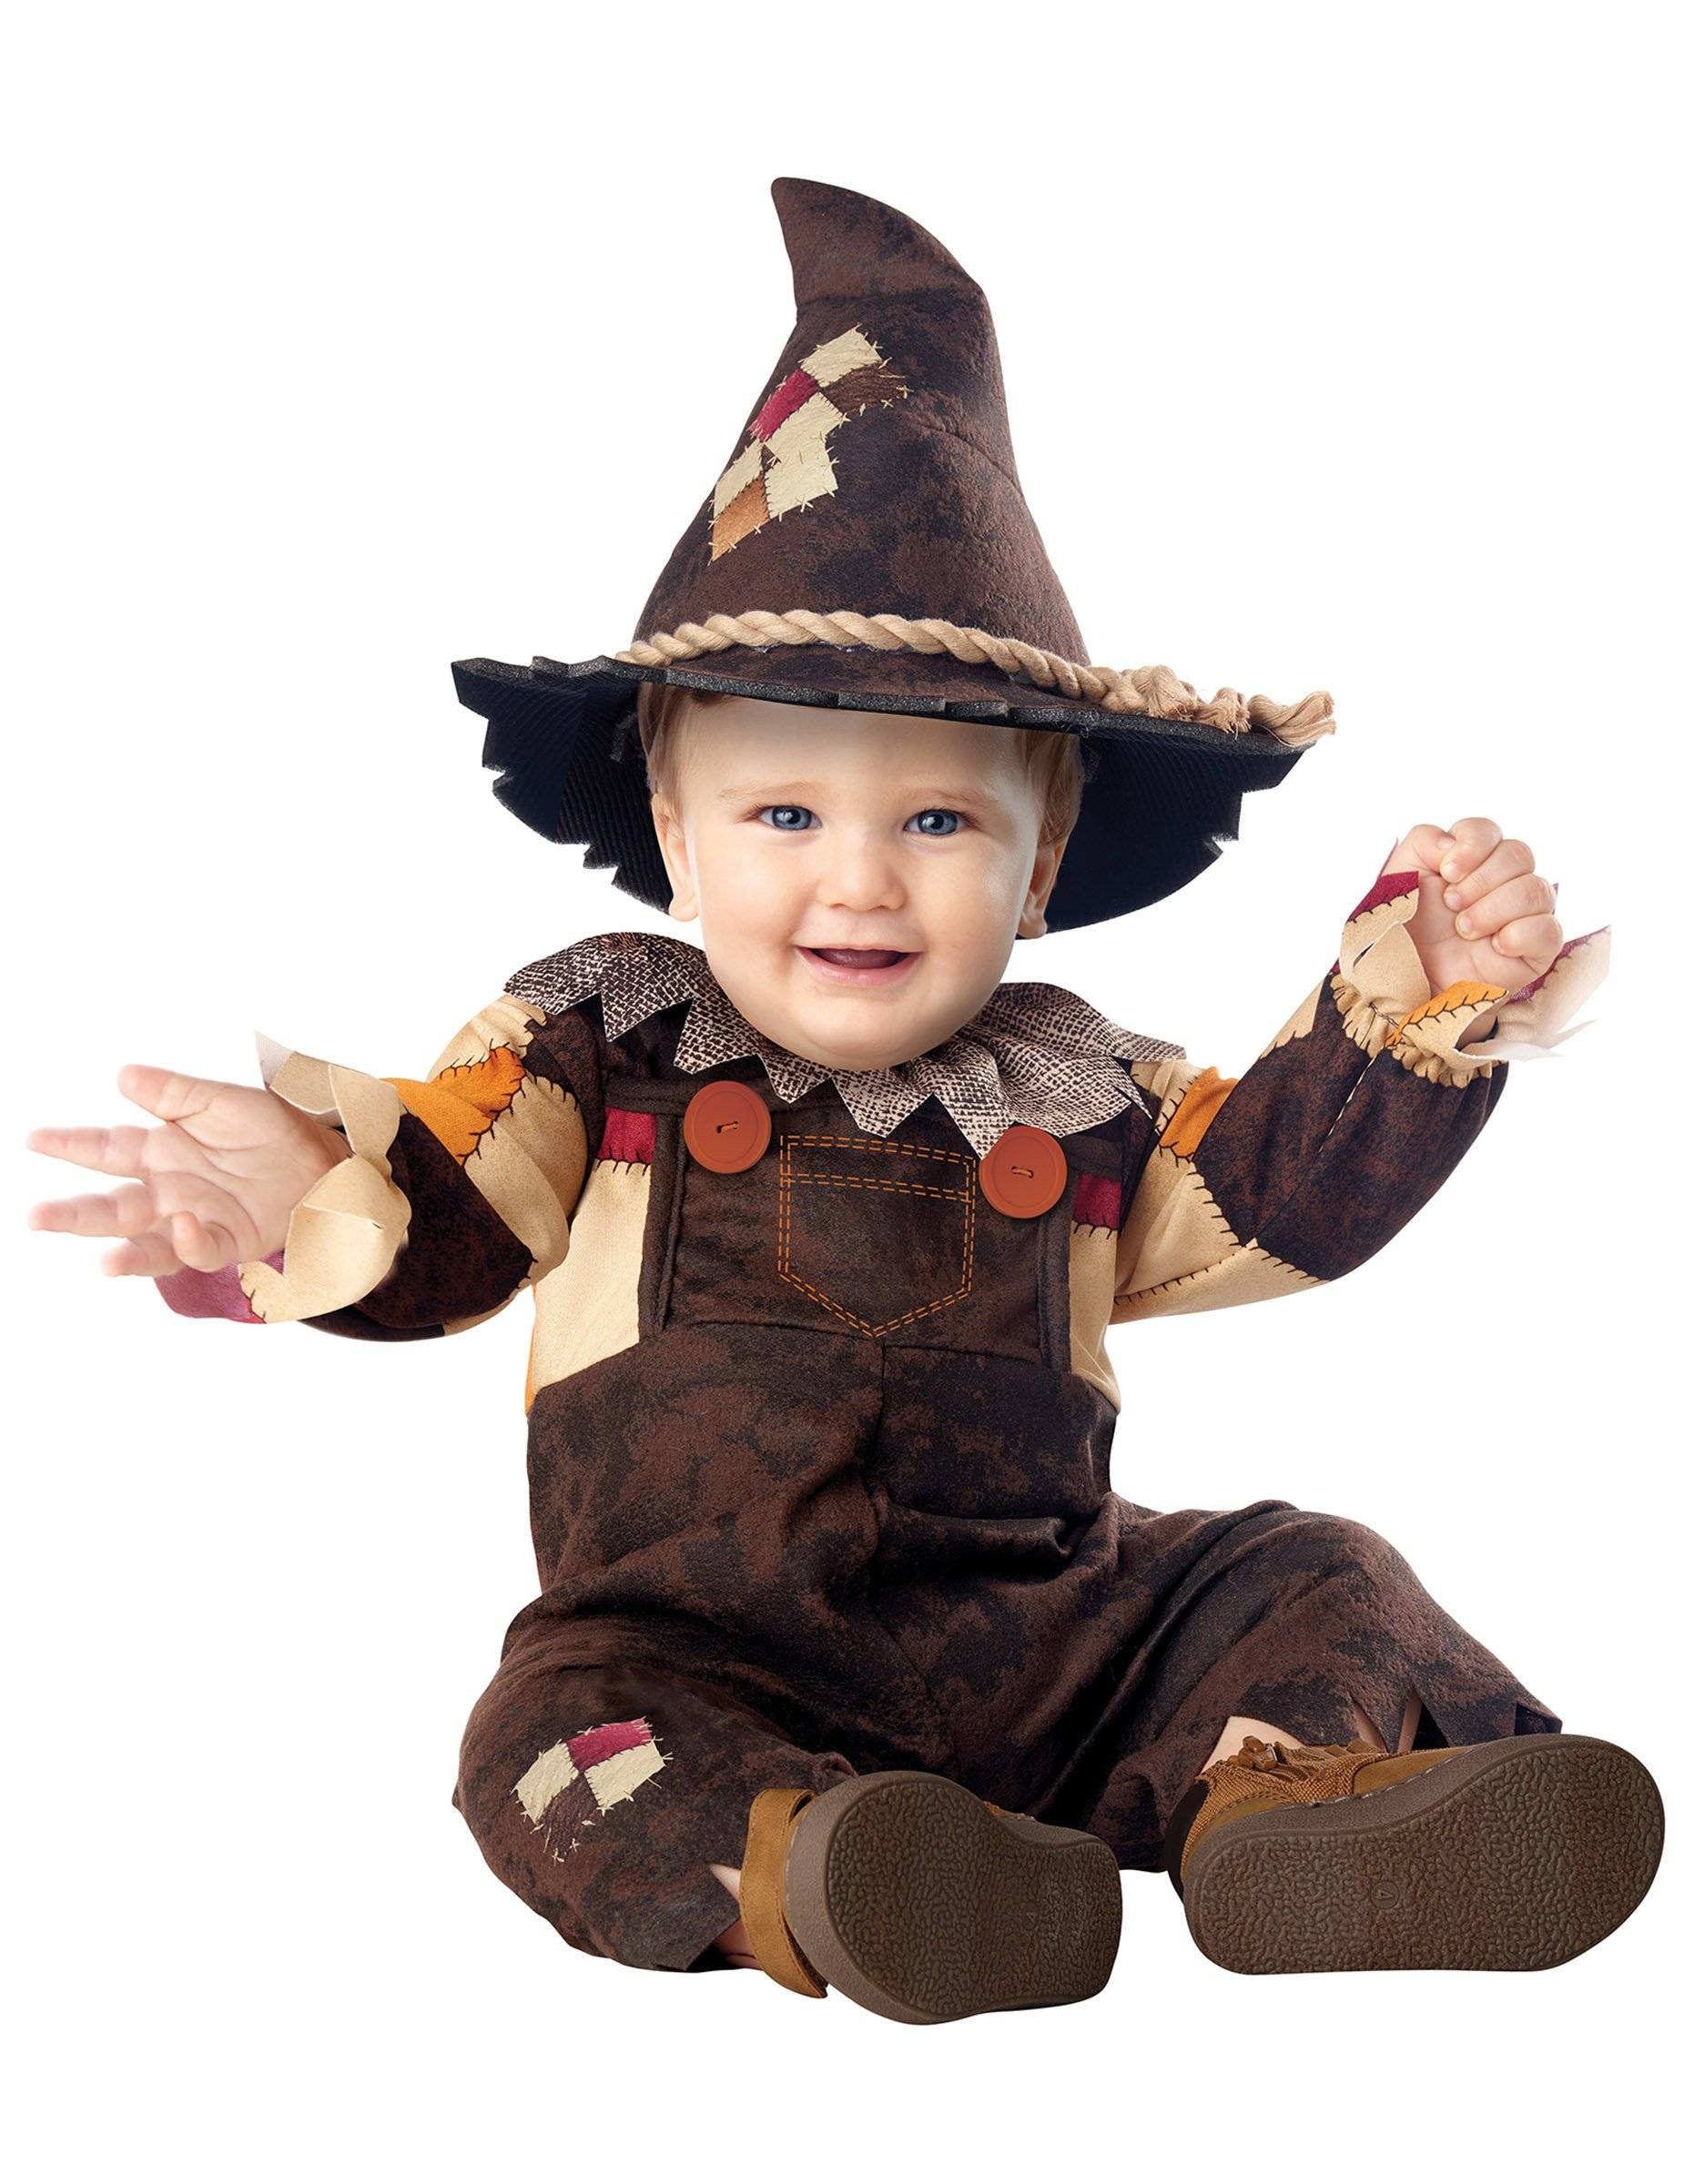 Deguisetoi Déguisement joyeux épouvantail bébé - Taille: 18-24 mois (86cm)